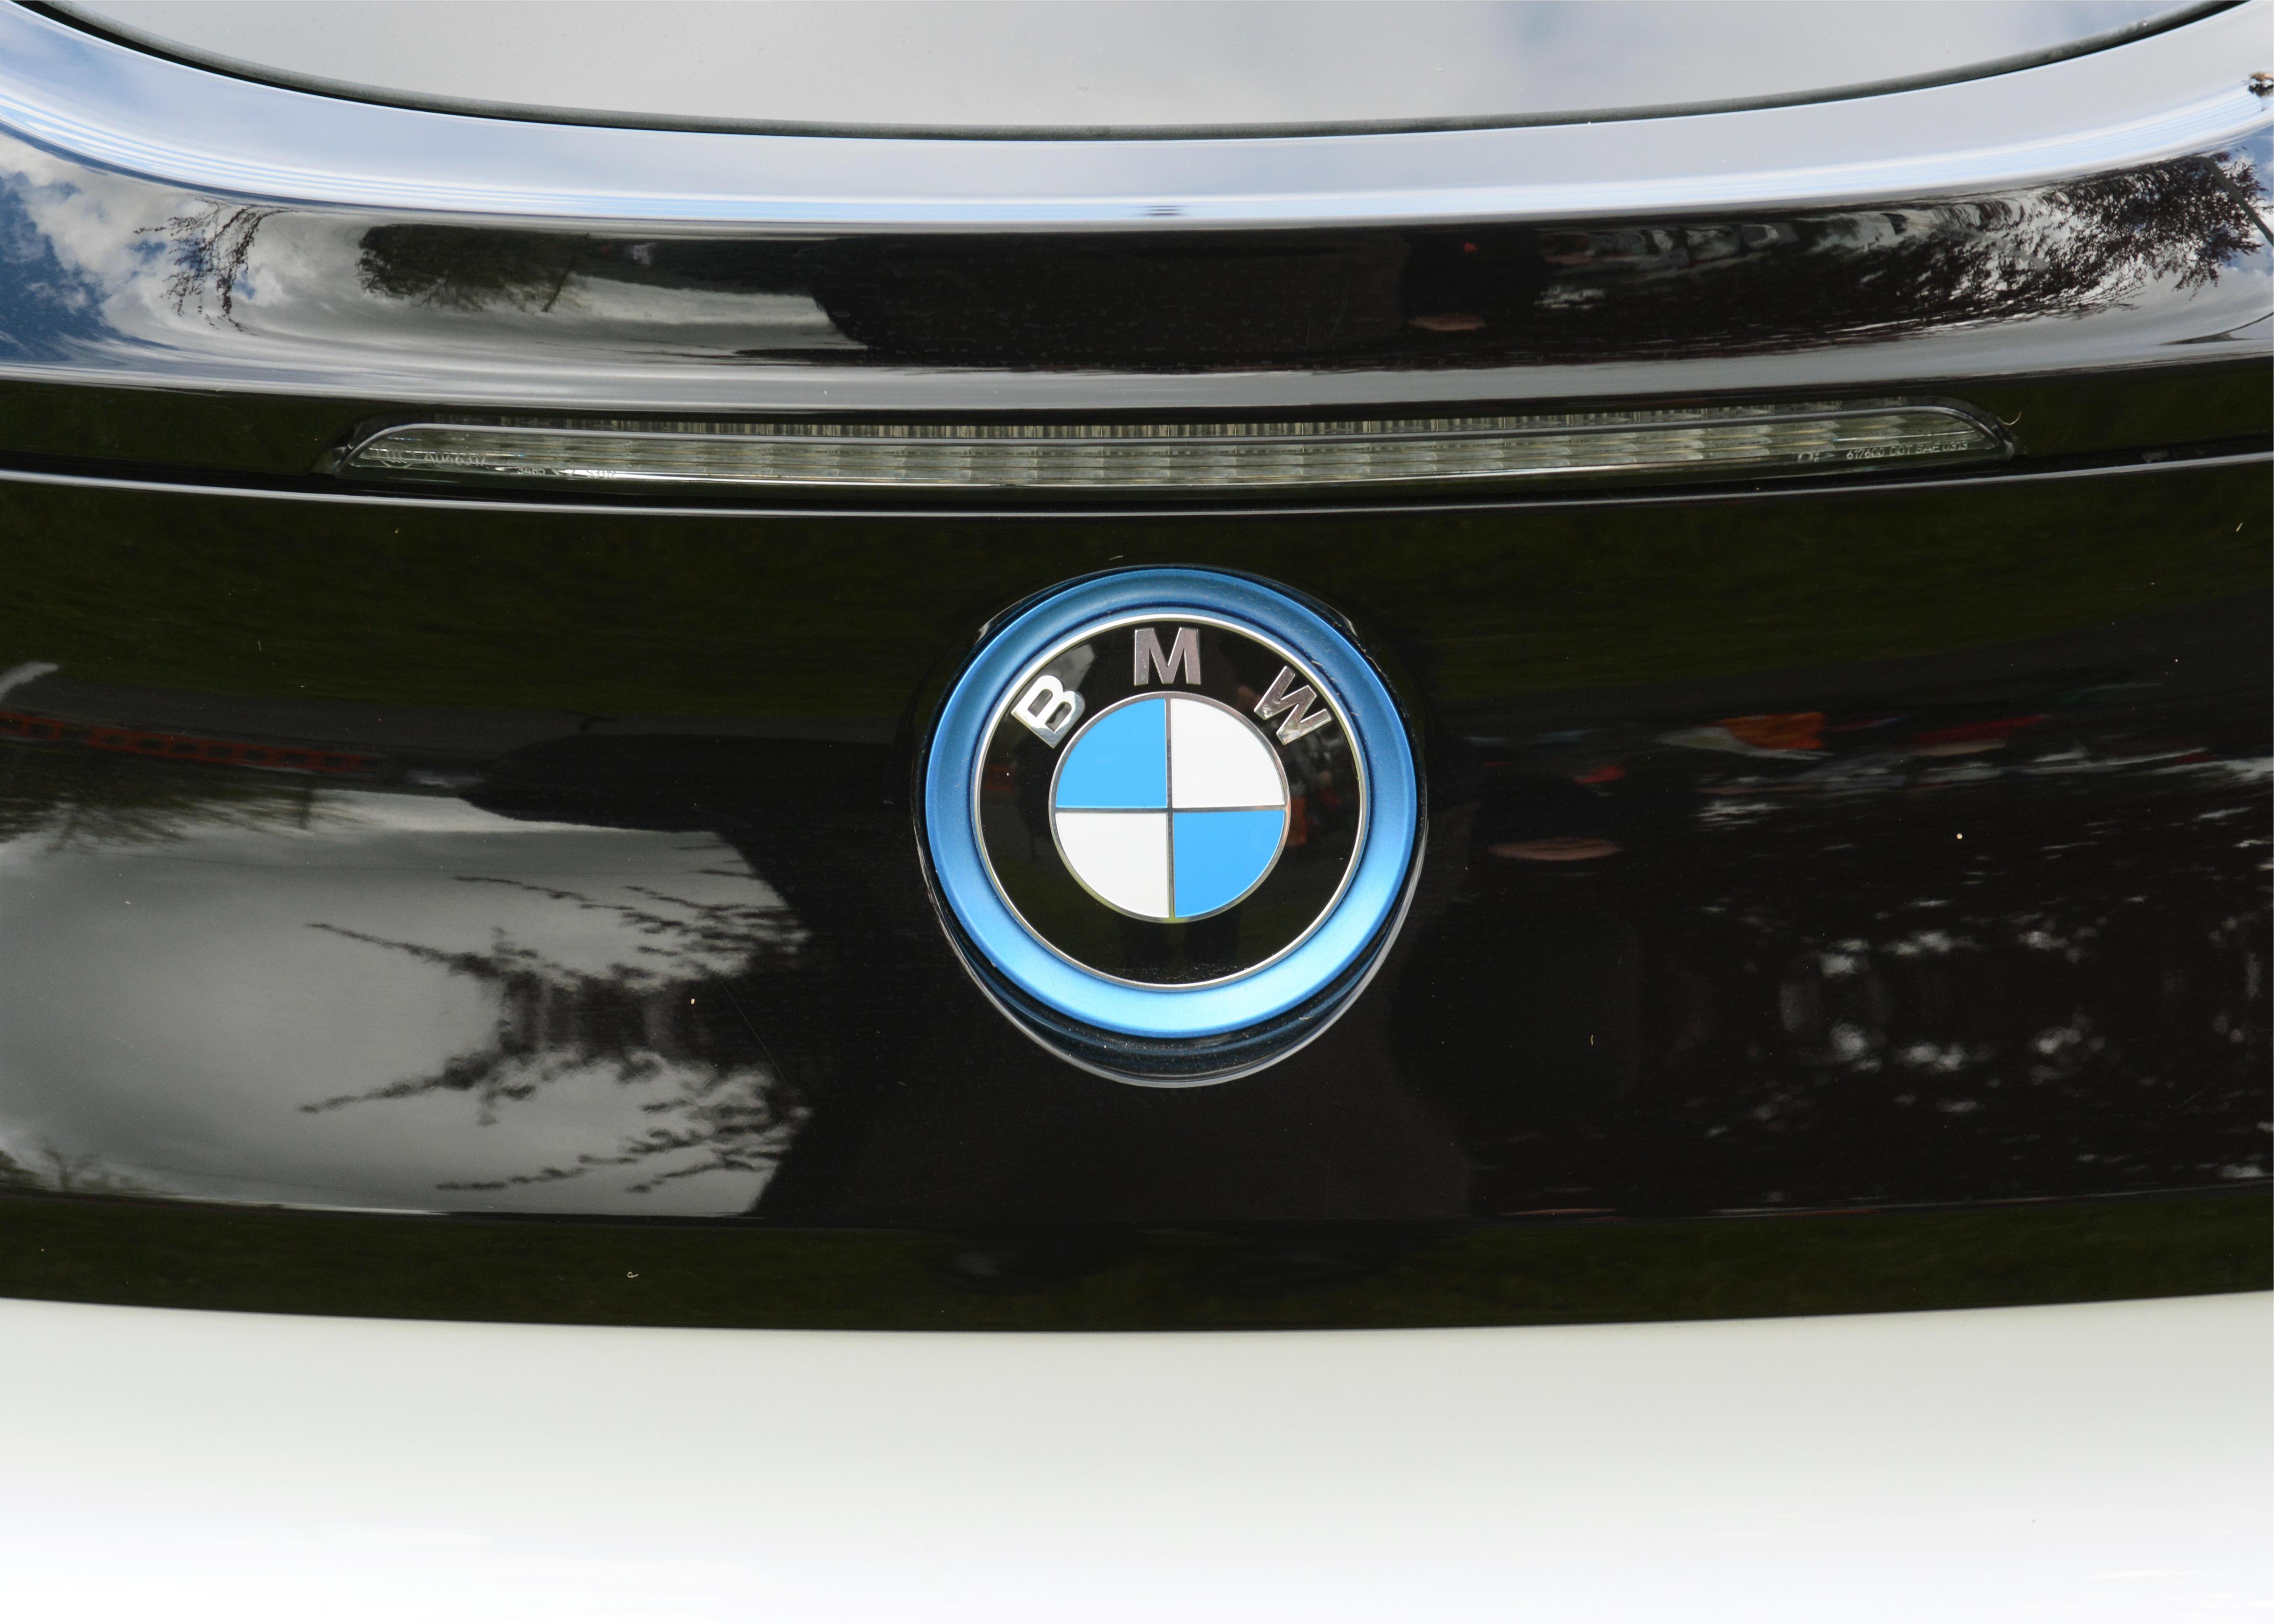 BMW BADGE New BMW i8 electric hybrid supercar